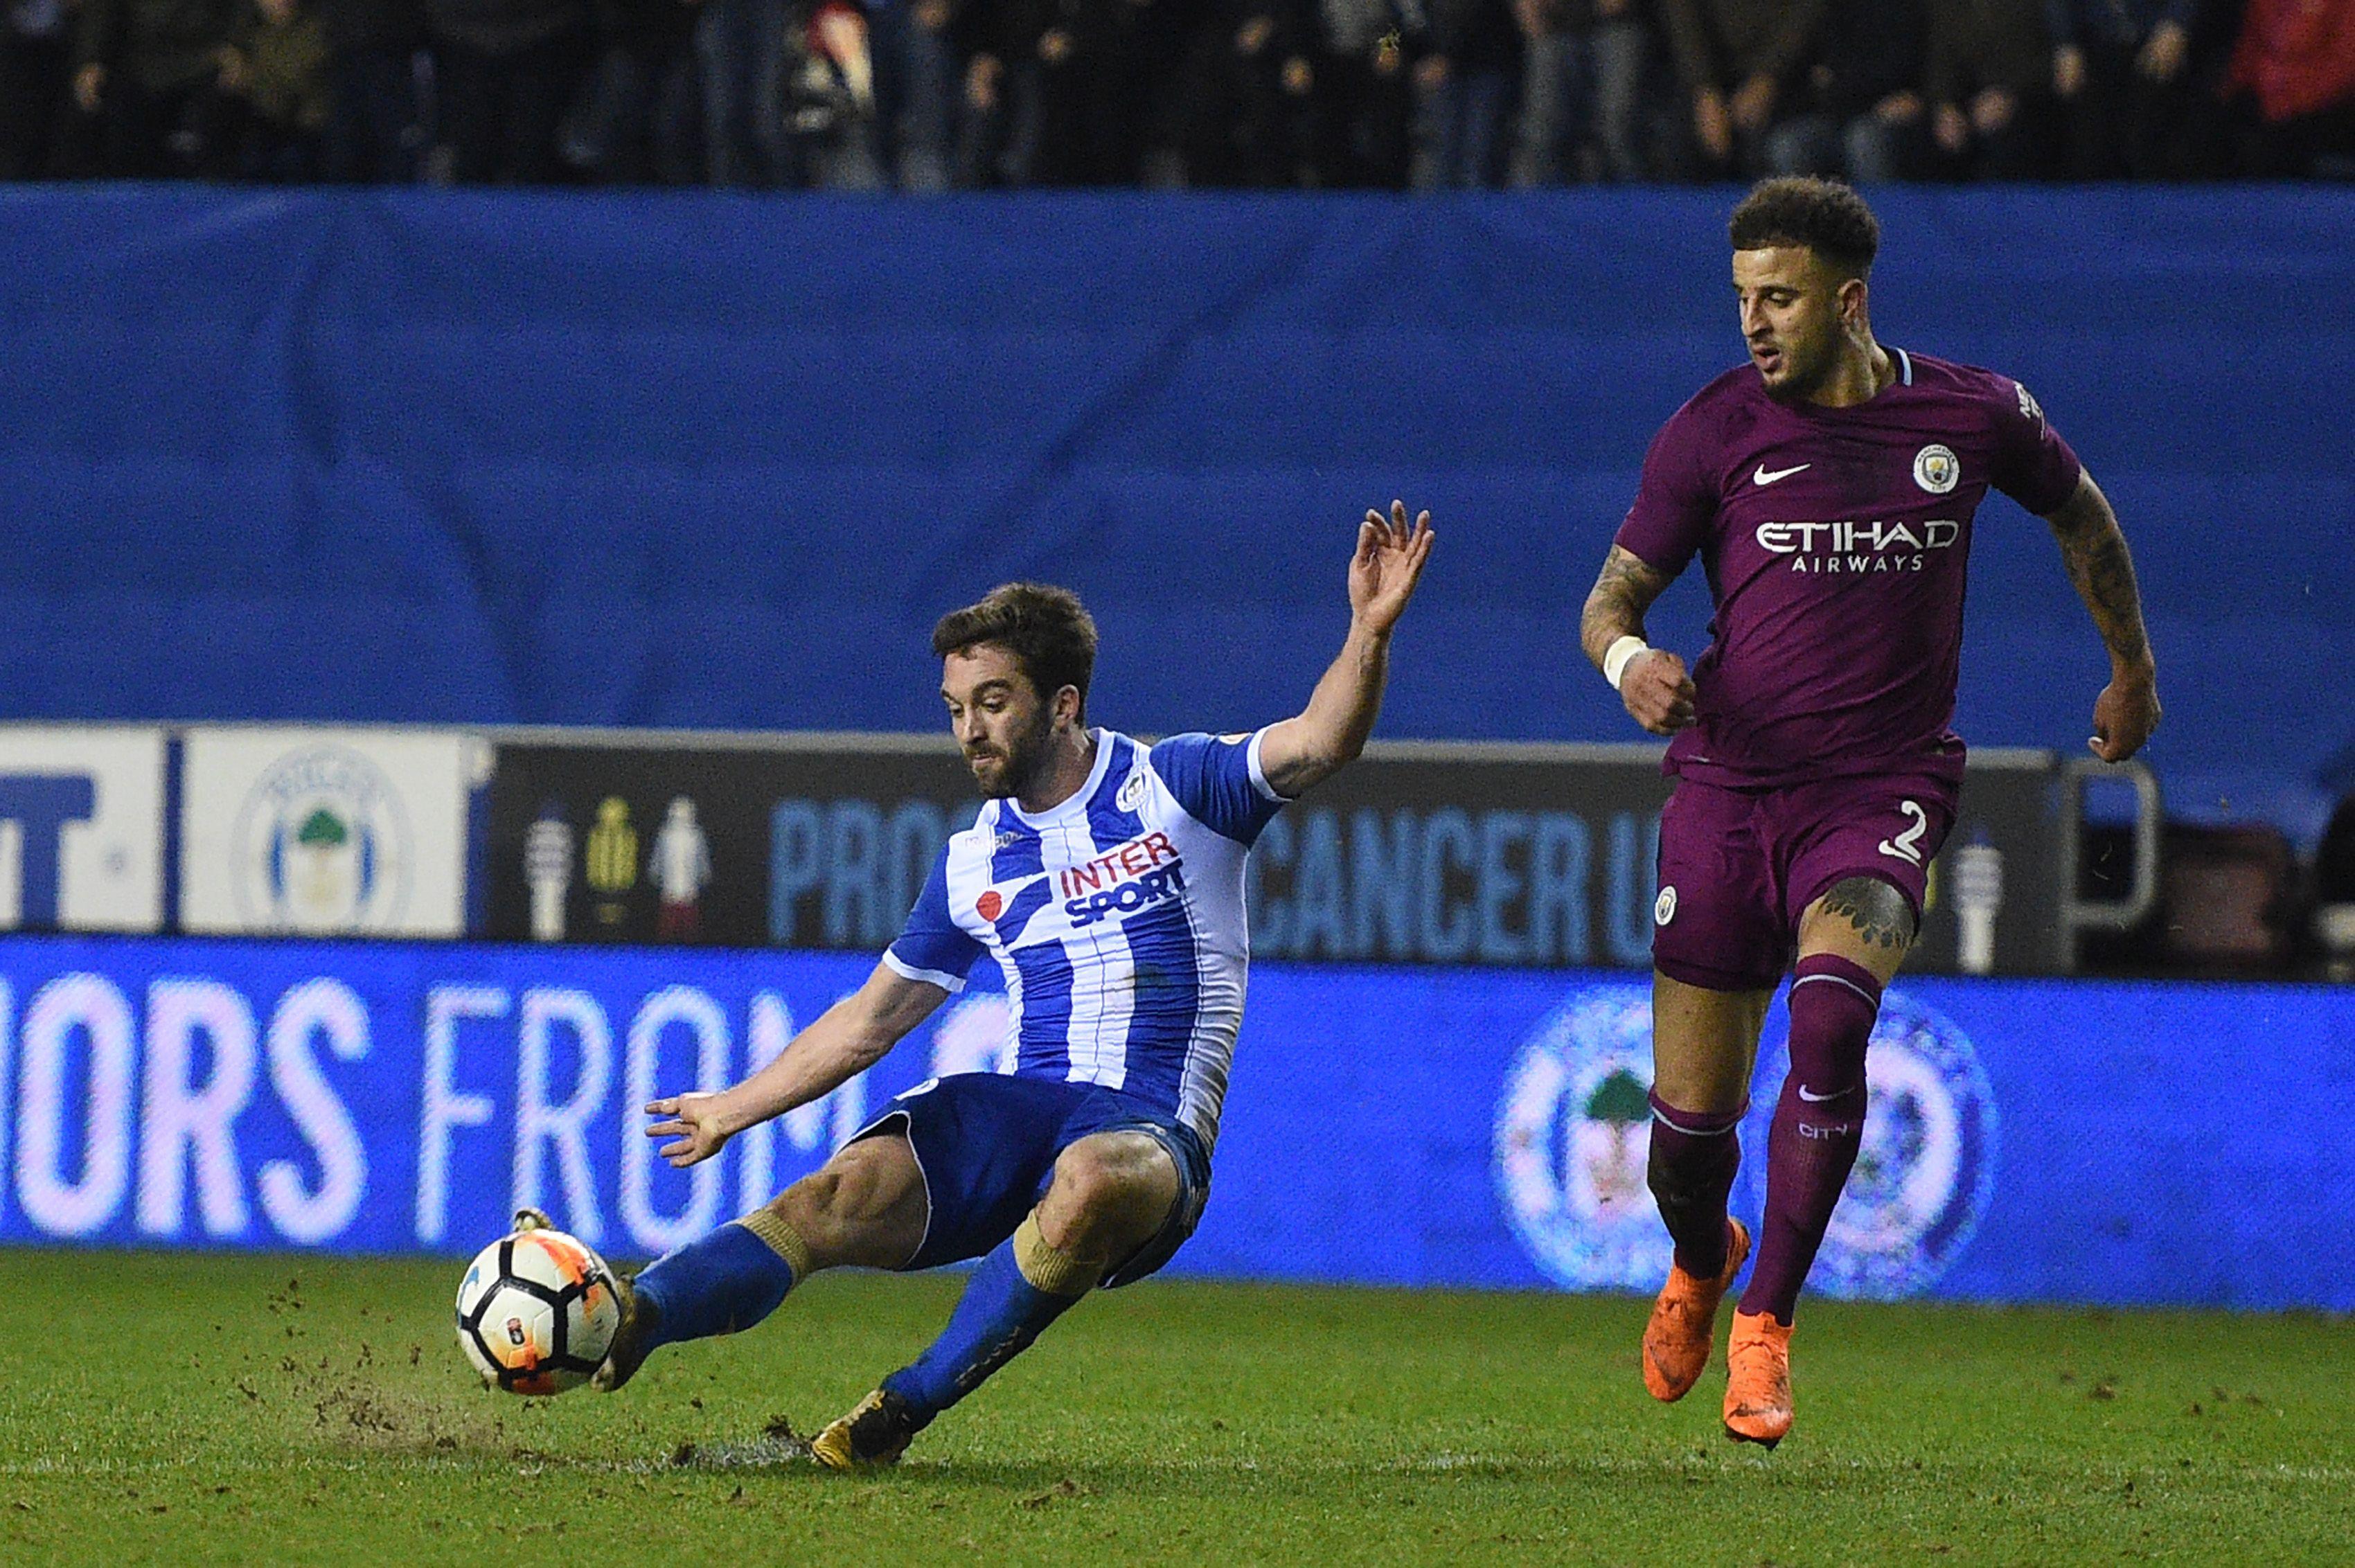 Unfassbar: Drittligist Wigan schmeißt ManCity aus dem FA-Cup